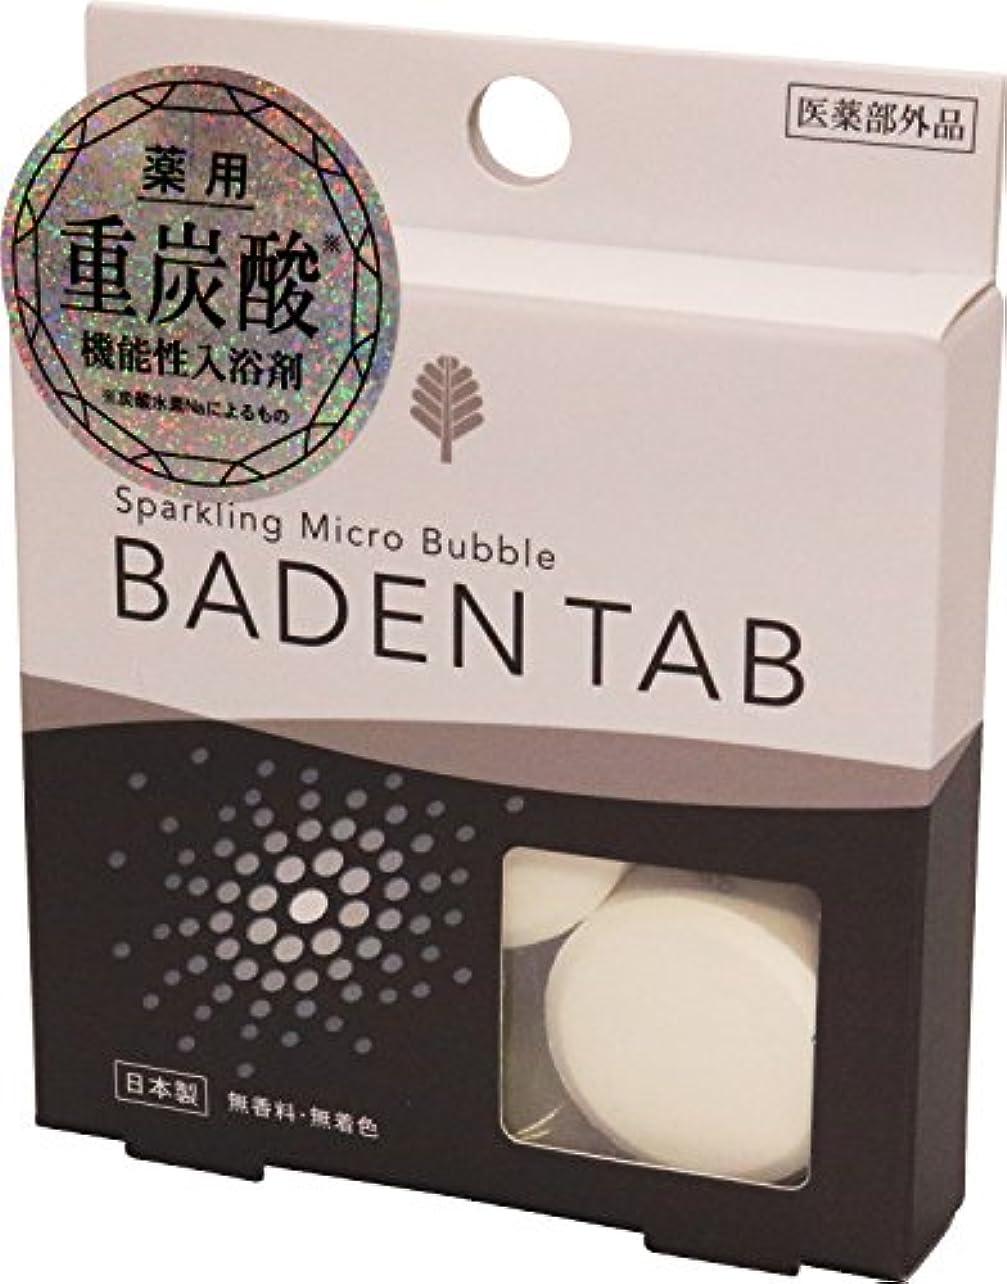 面倒突っ込む汚染紀陽除虫菊 薬用 重炭酸 機能性入浴剤 バーデンタブ 5錠